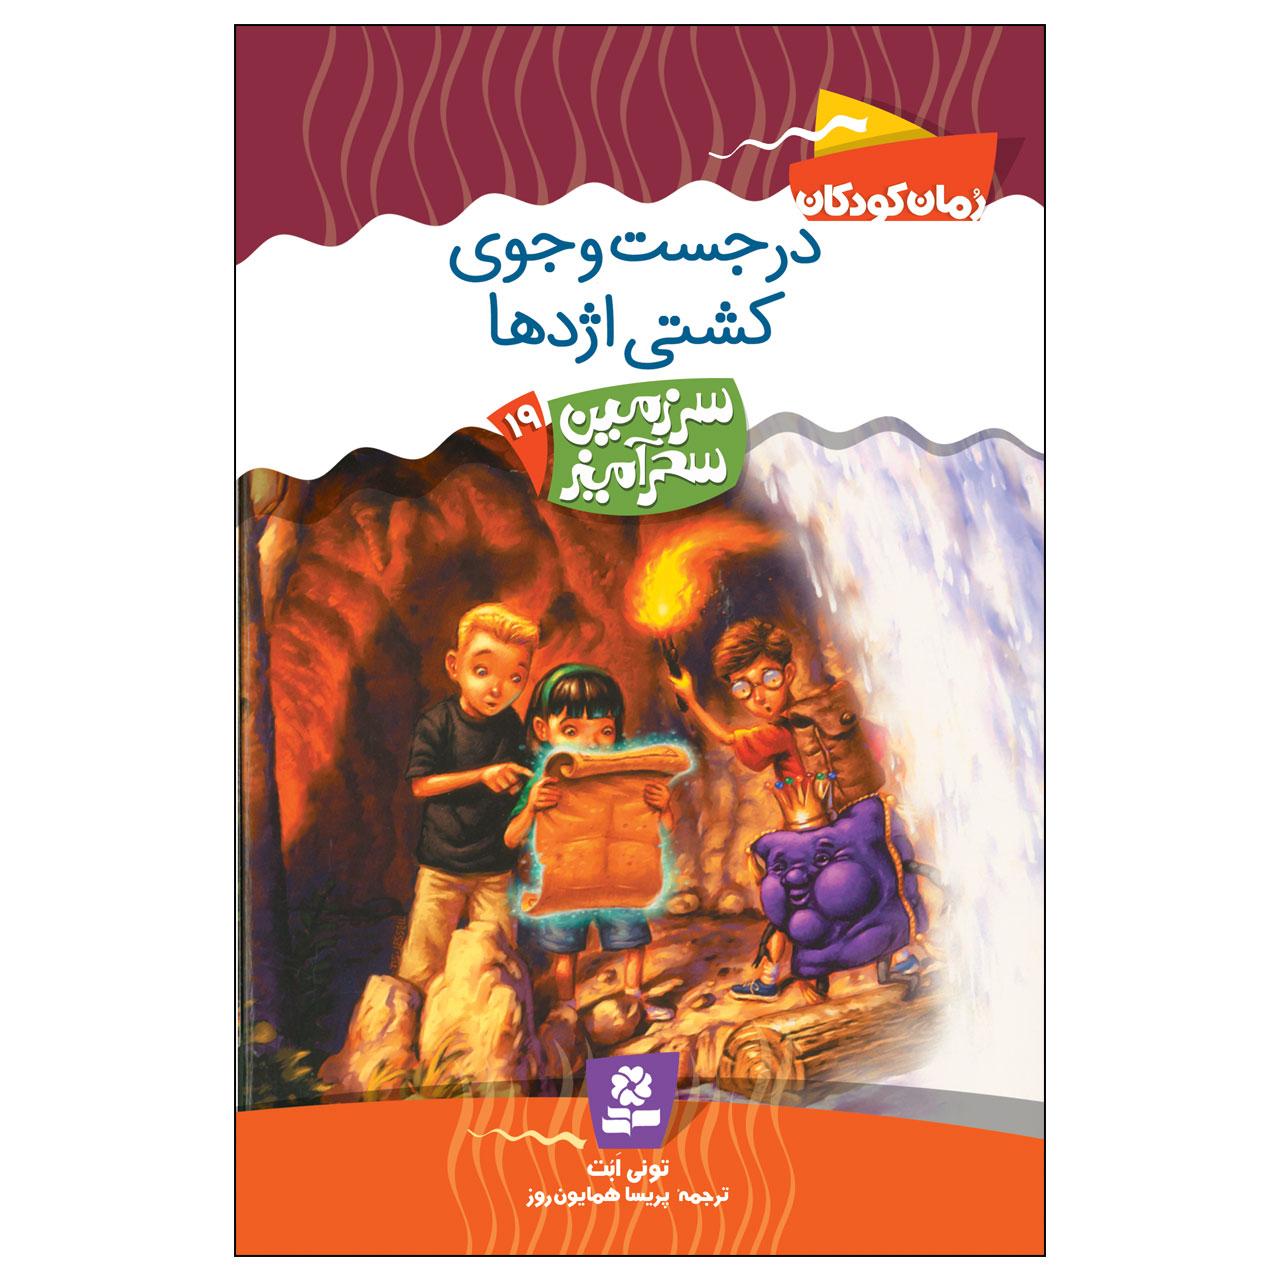 خرید                      کتاب سرزمین سحر آمیز 19 در جست و جوی کشتی اژدها اثر تونی ابت انتشارات قدیانی